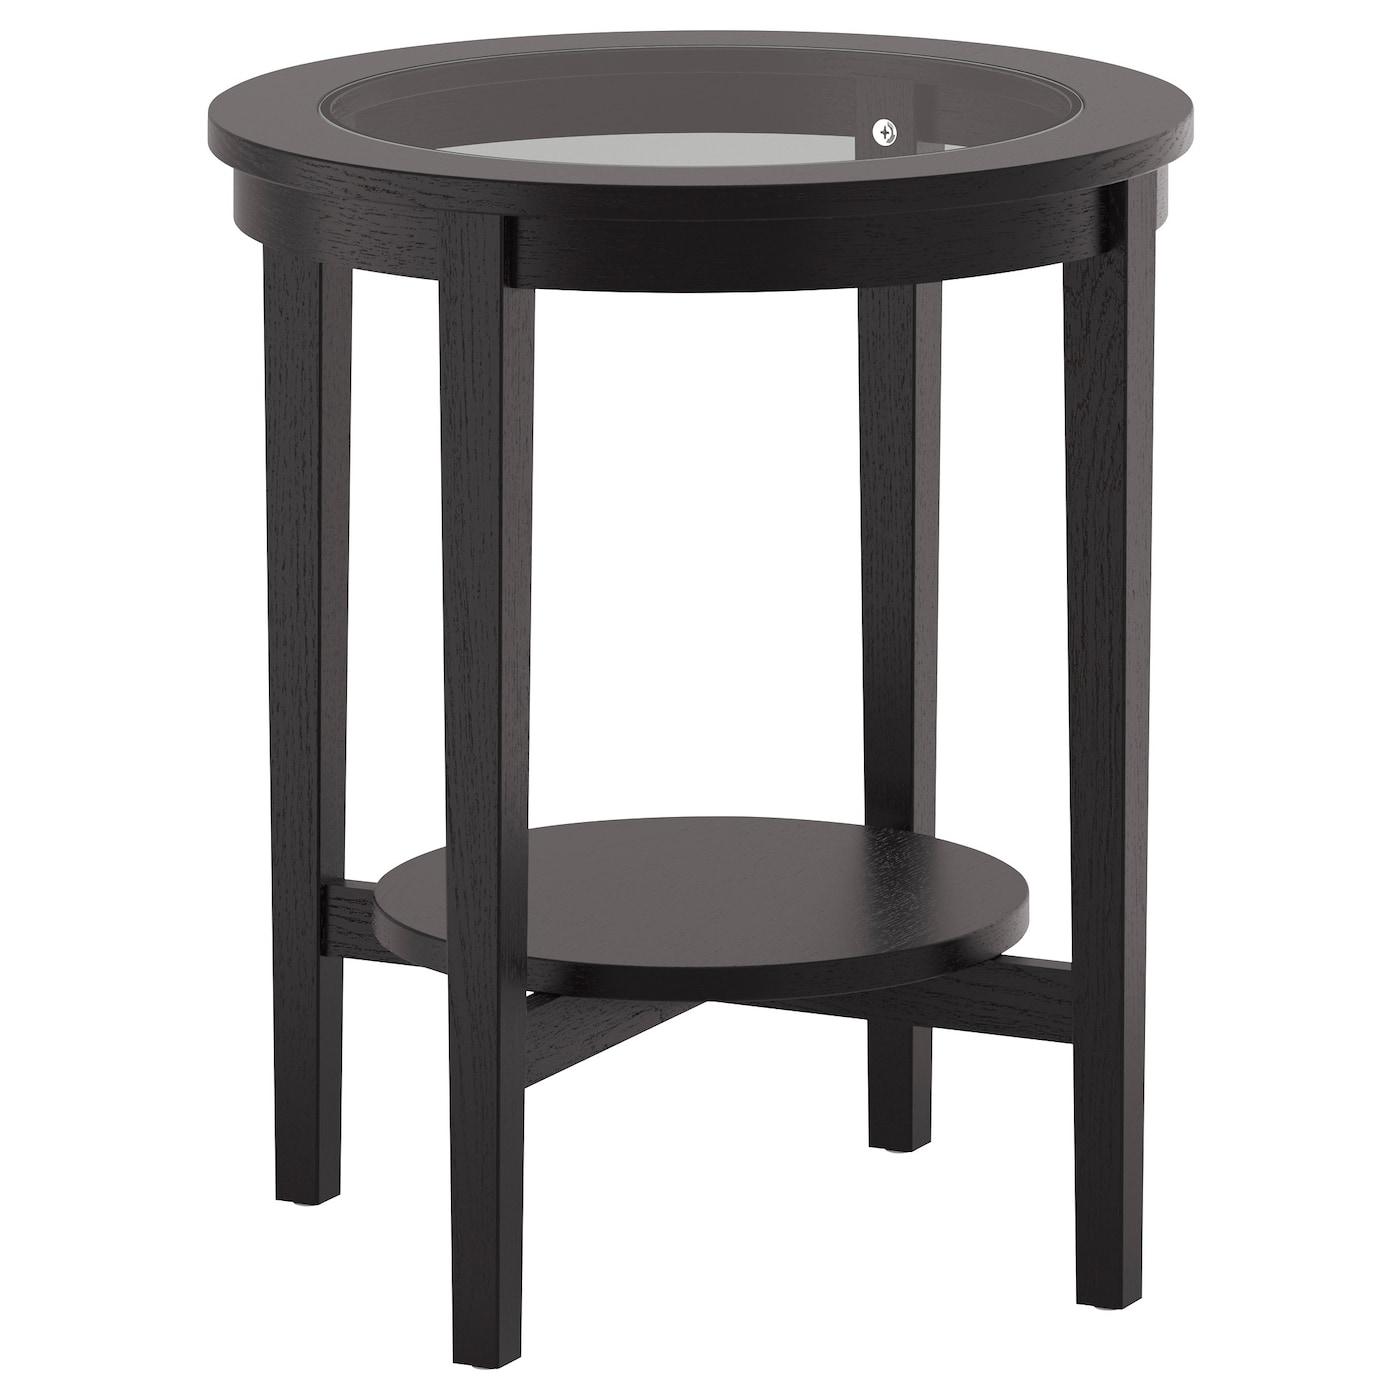 Full Size of Weber Grill Tisch Ikea Beistelltisch Malmsta Schwarzbraun Deutschland Modulküche Sofa Mit Schlaffunktion Küche Kaufen Betten 160x200 Kosten Bei Garten Wohnzimmer Grill Beistelltisch Ikea